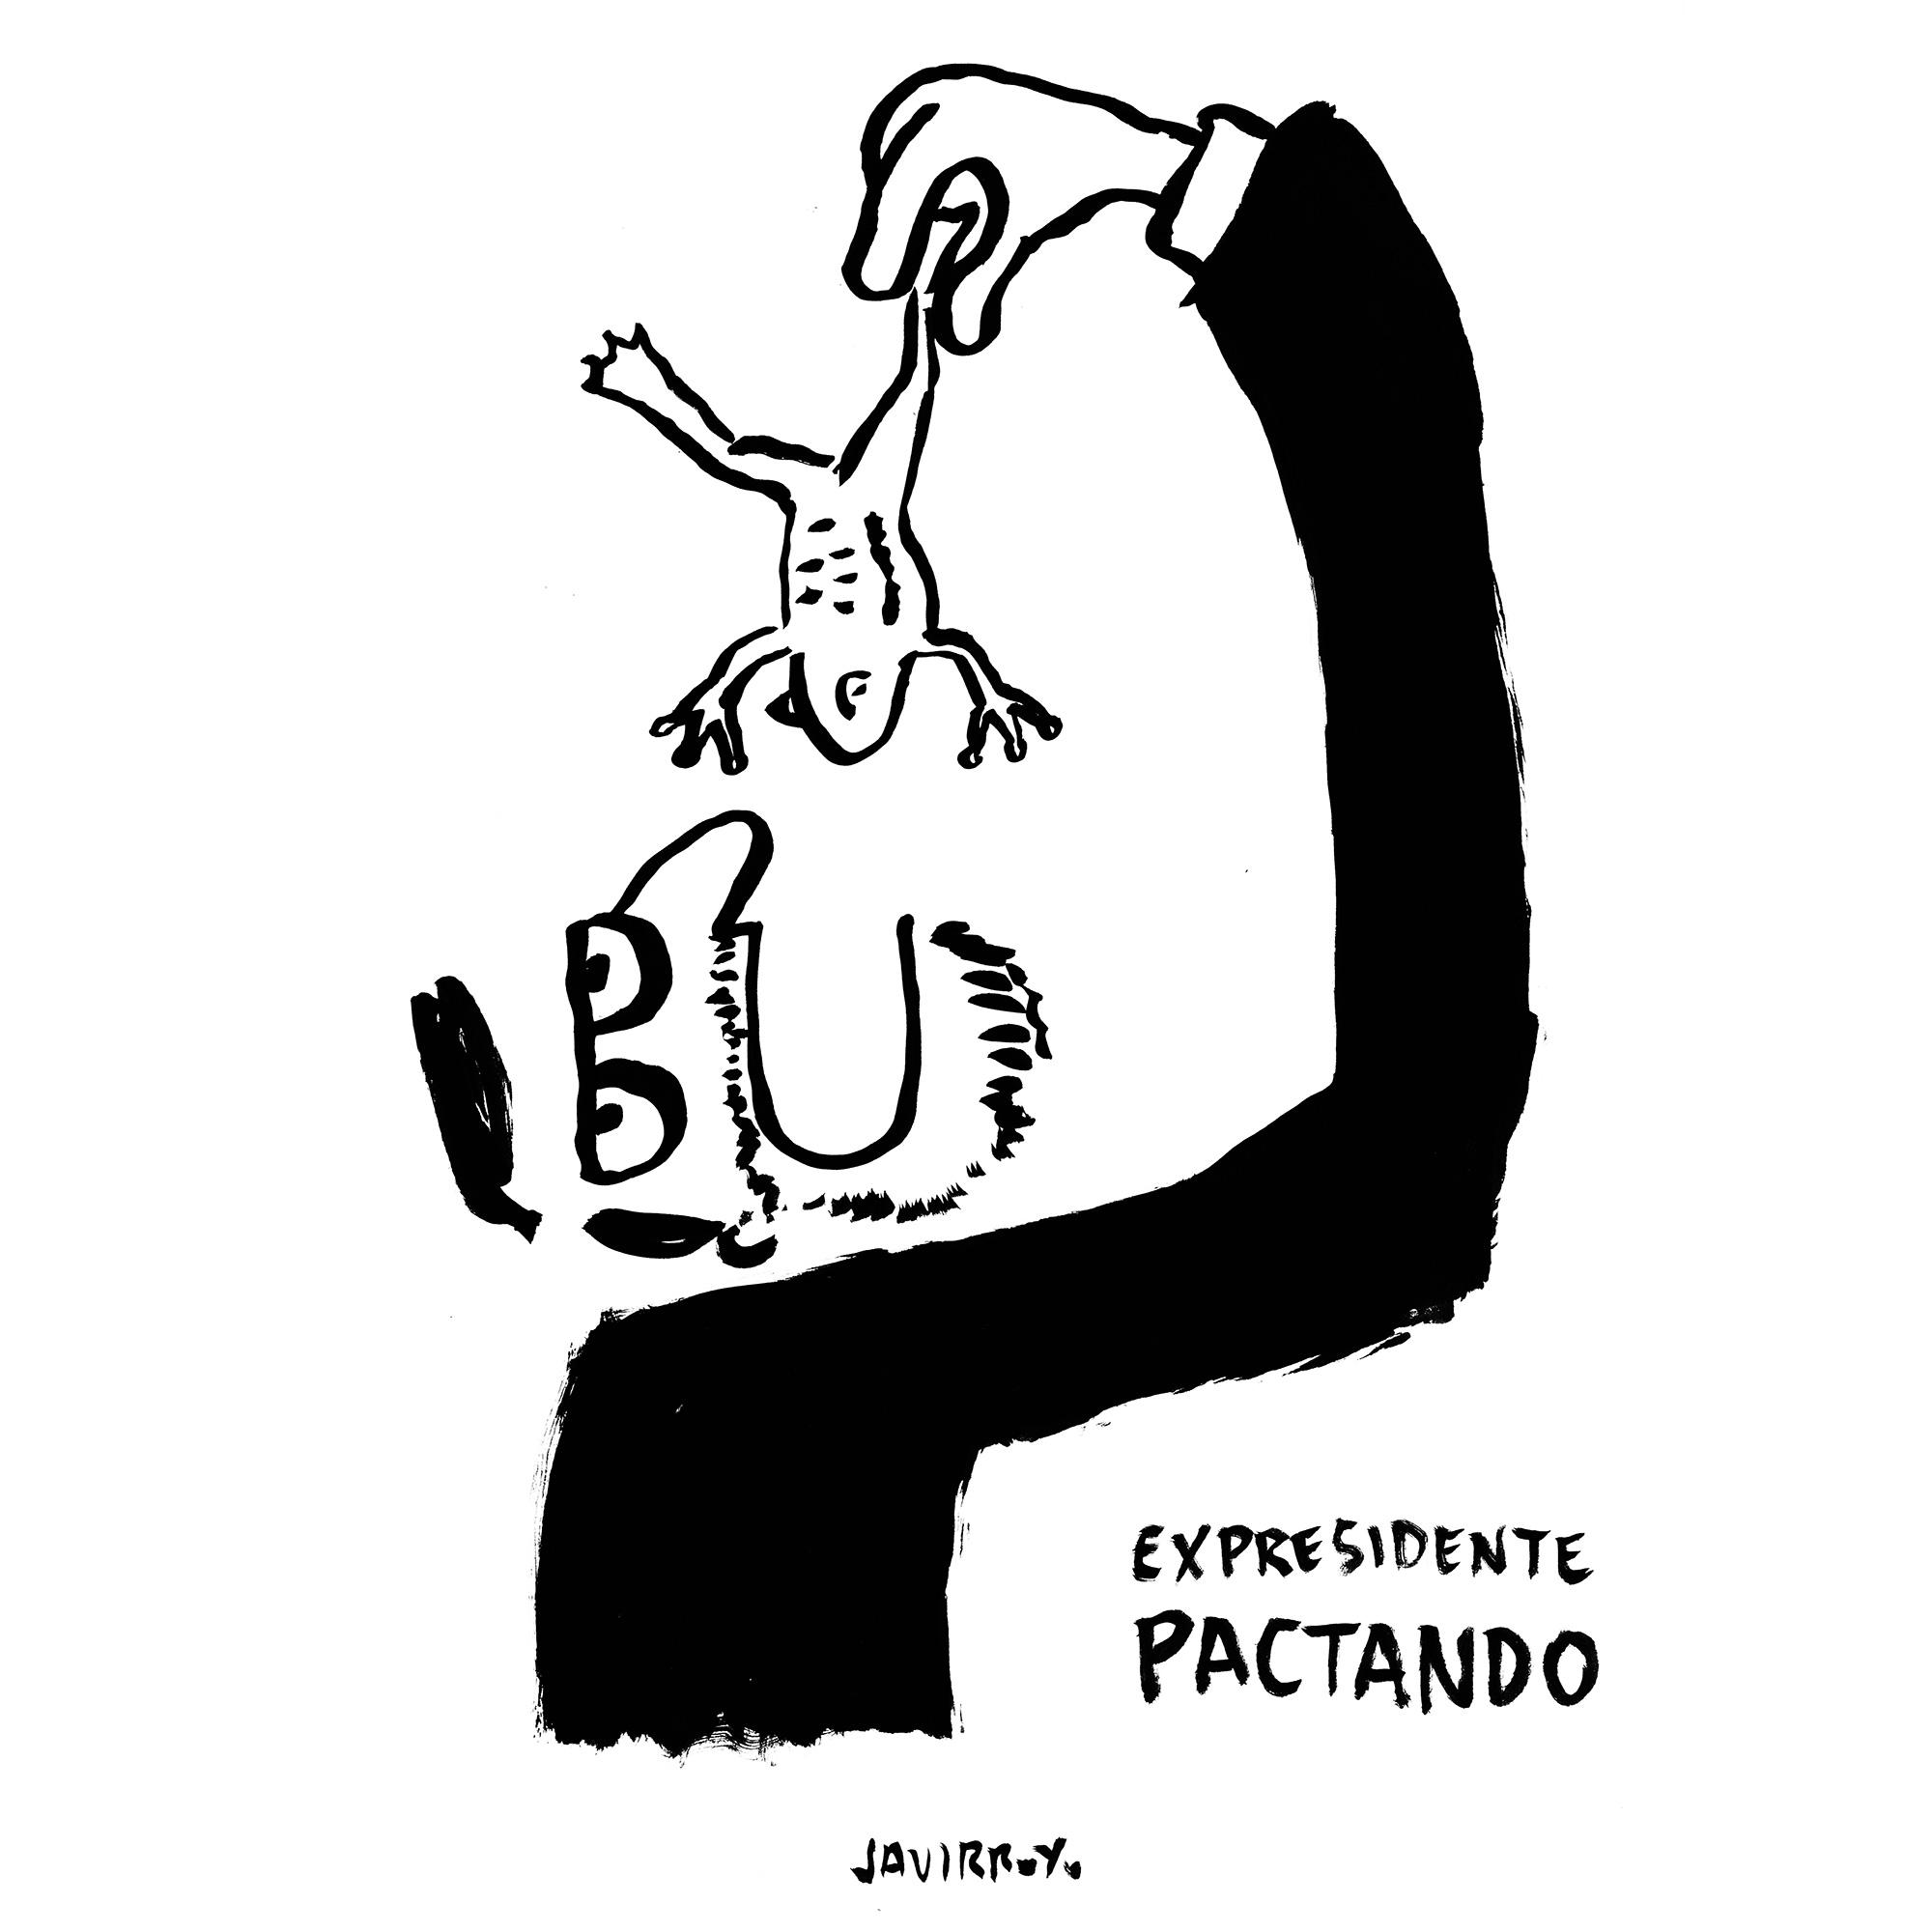 expresidente-pactando